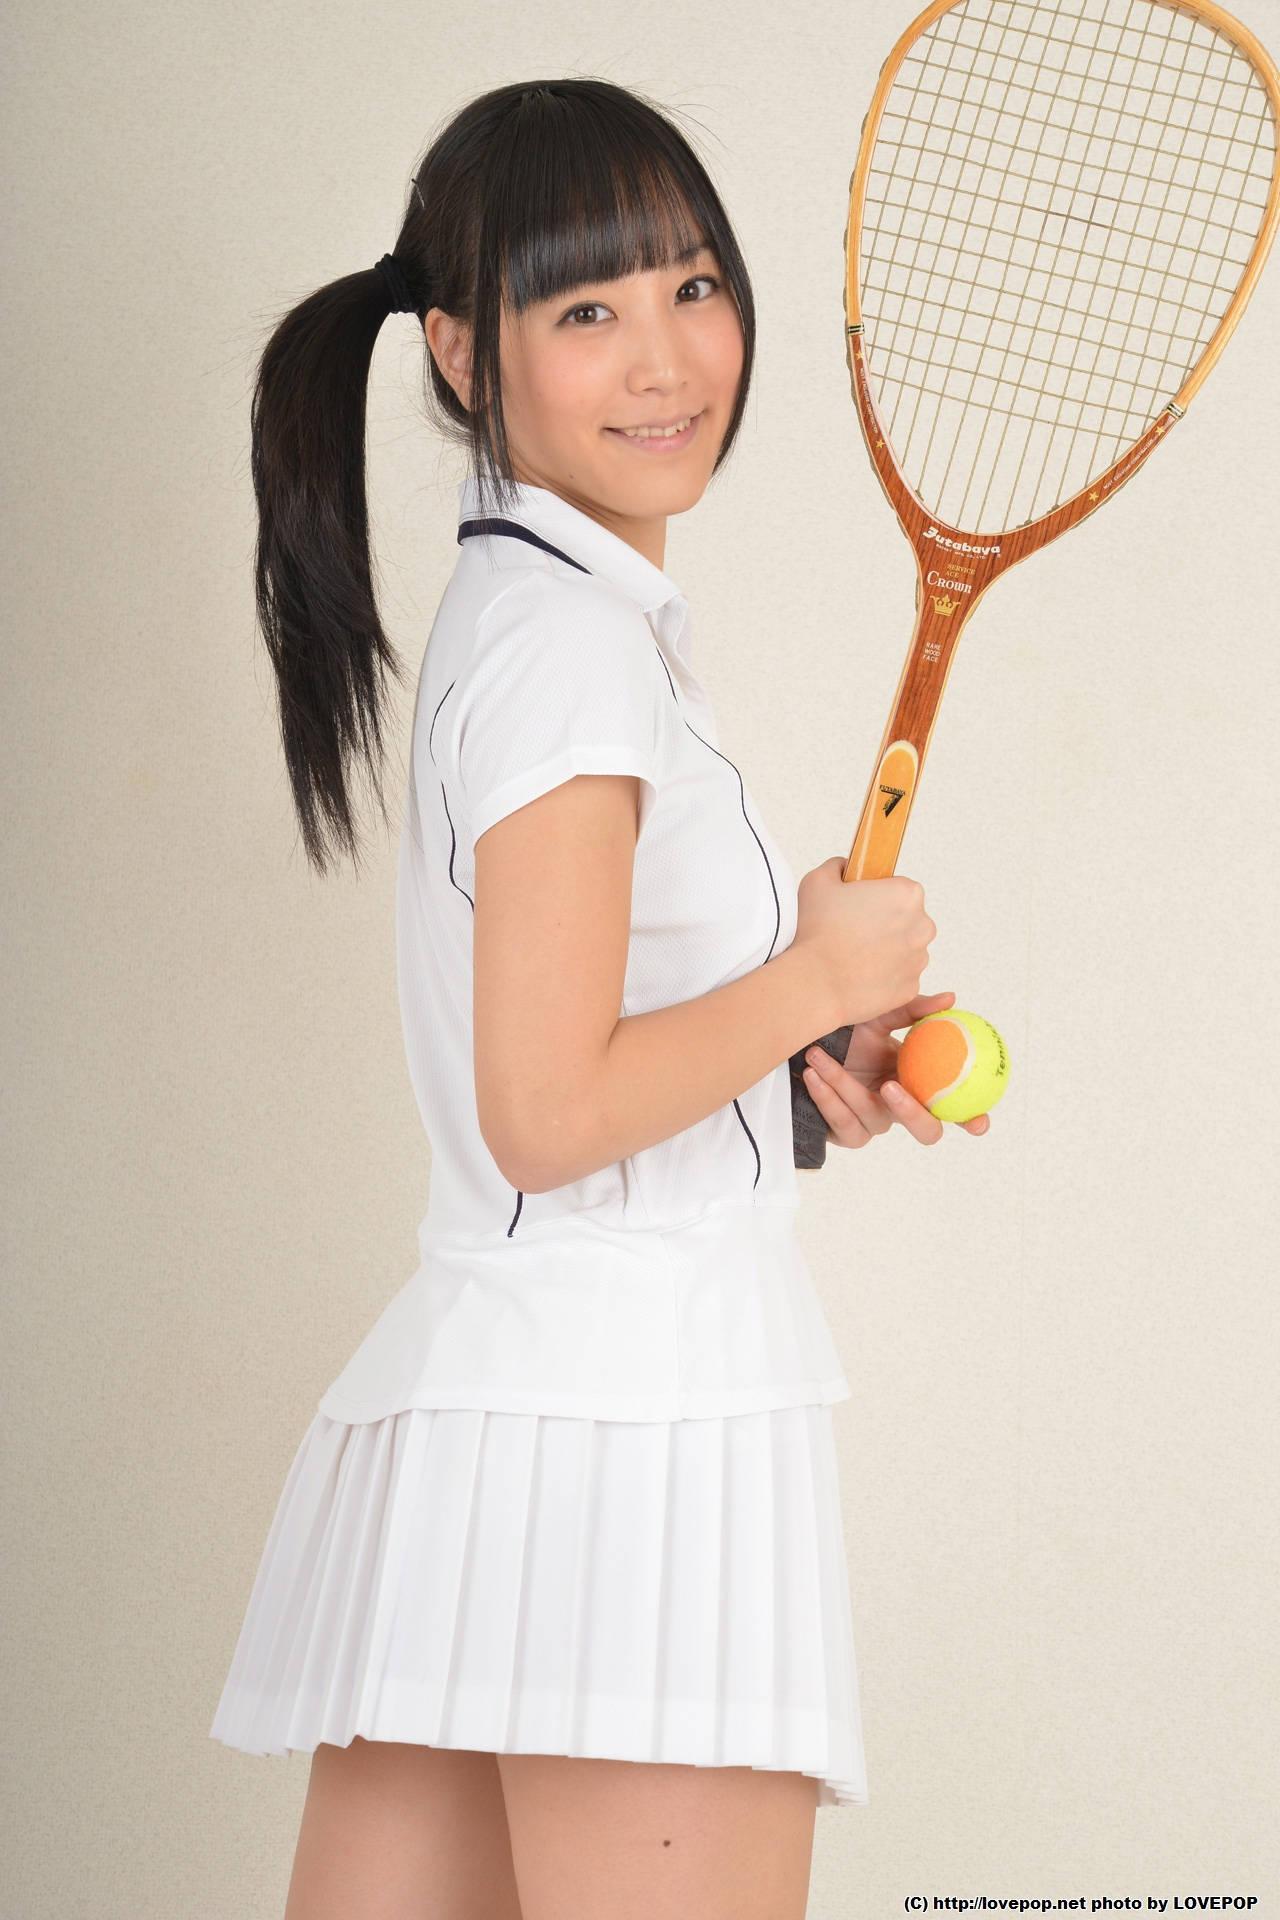 可愛いテニスウェア女子